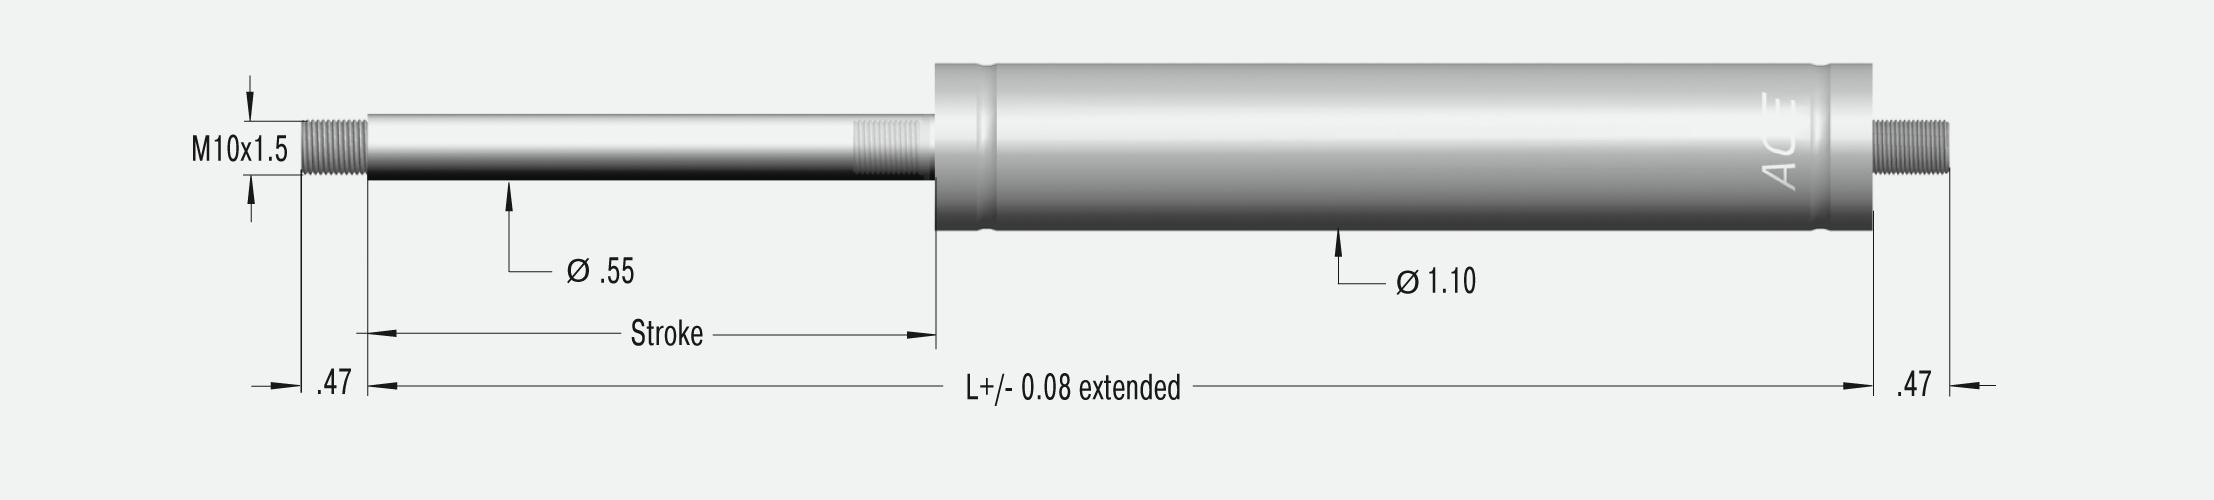 GS-28-250-V4A